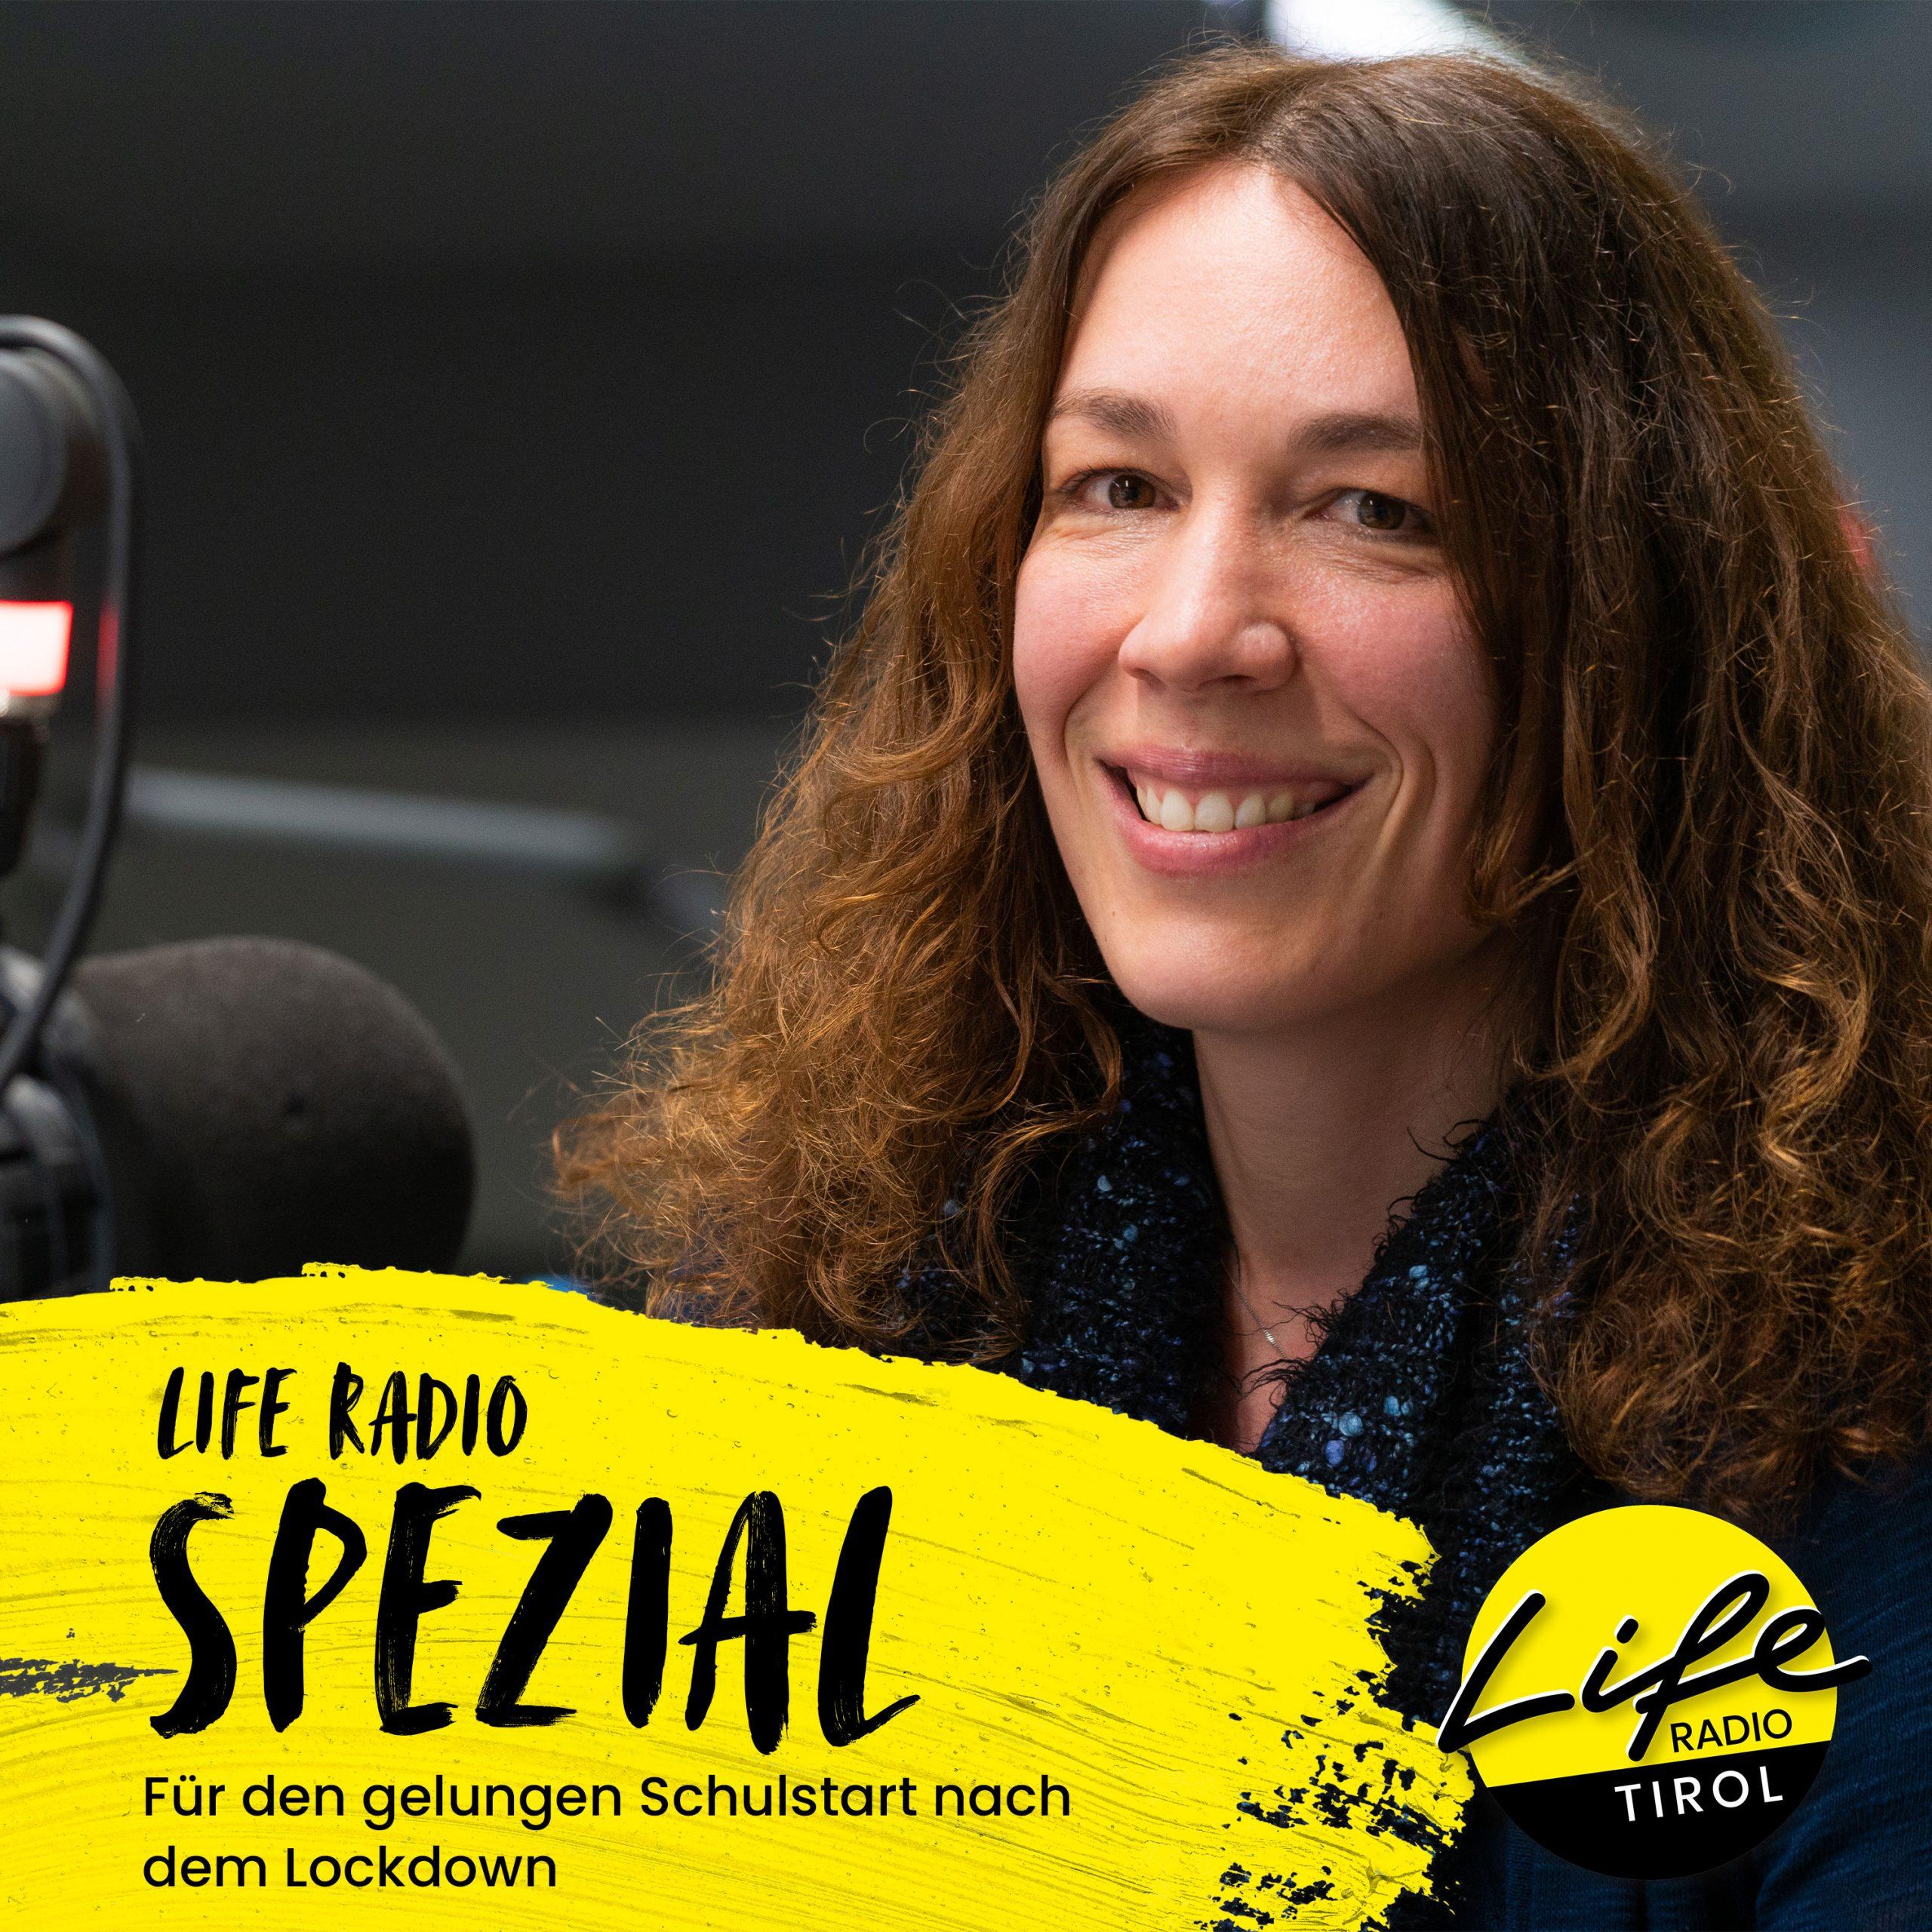 """Life Radio Spezial: """"Für den gelungenen Schulstart nach dem Lockdown"""